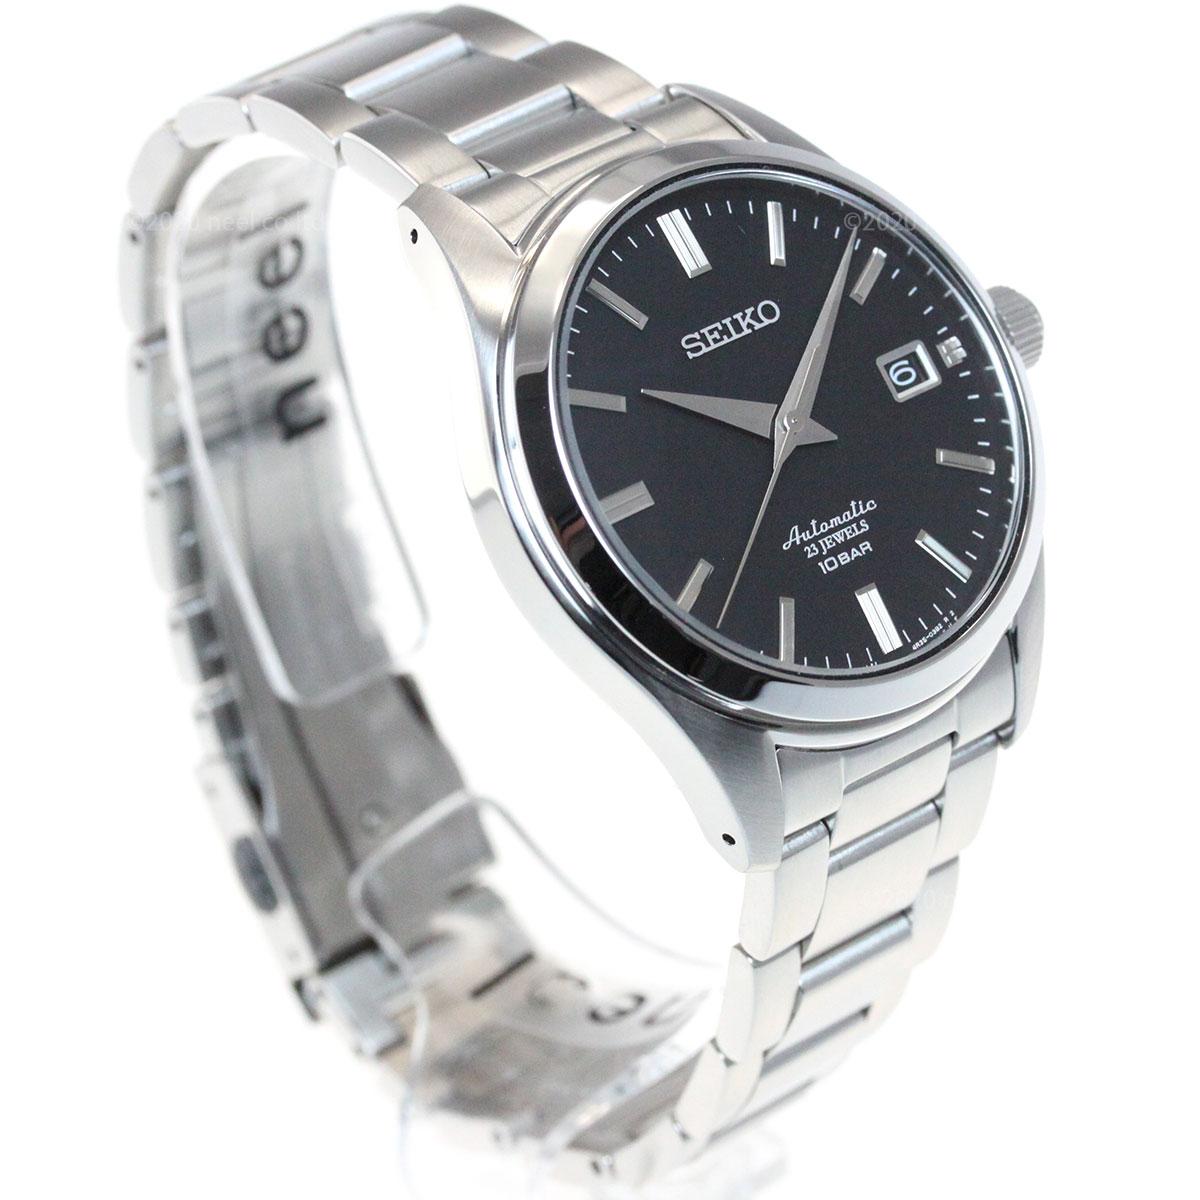 セイコー メカニカル 自動巻き 先行販売 ネット流通限定モデル 腕時計 メンズ ドレスライン SEIKO Mechanical SZSB012